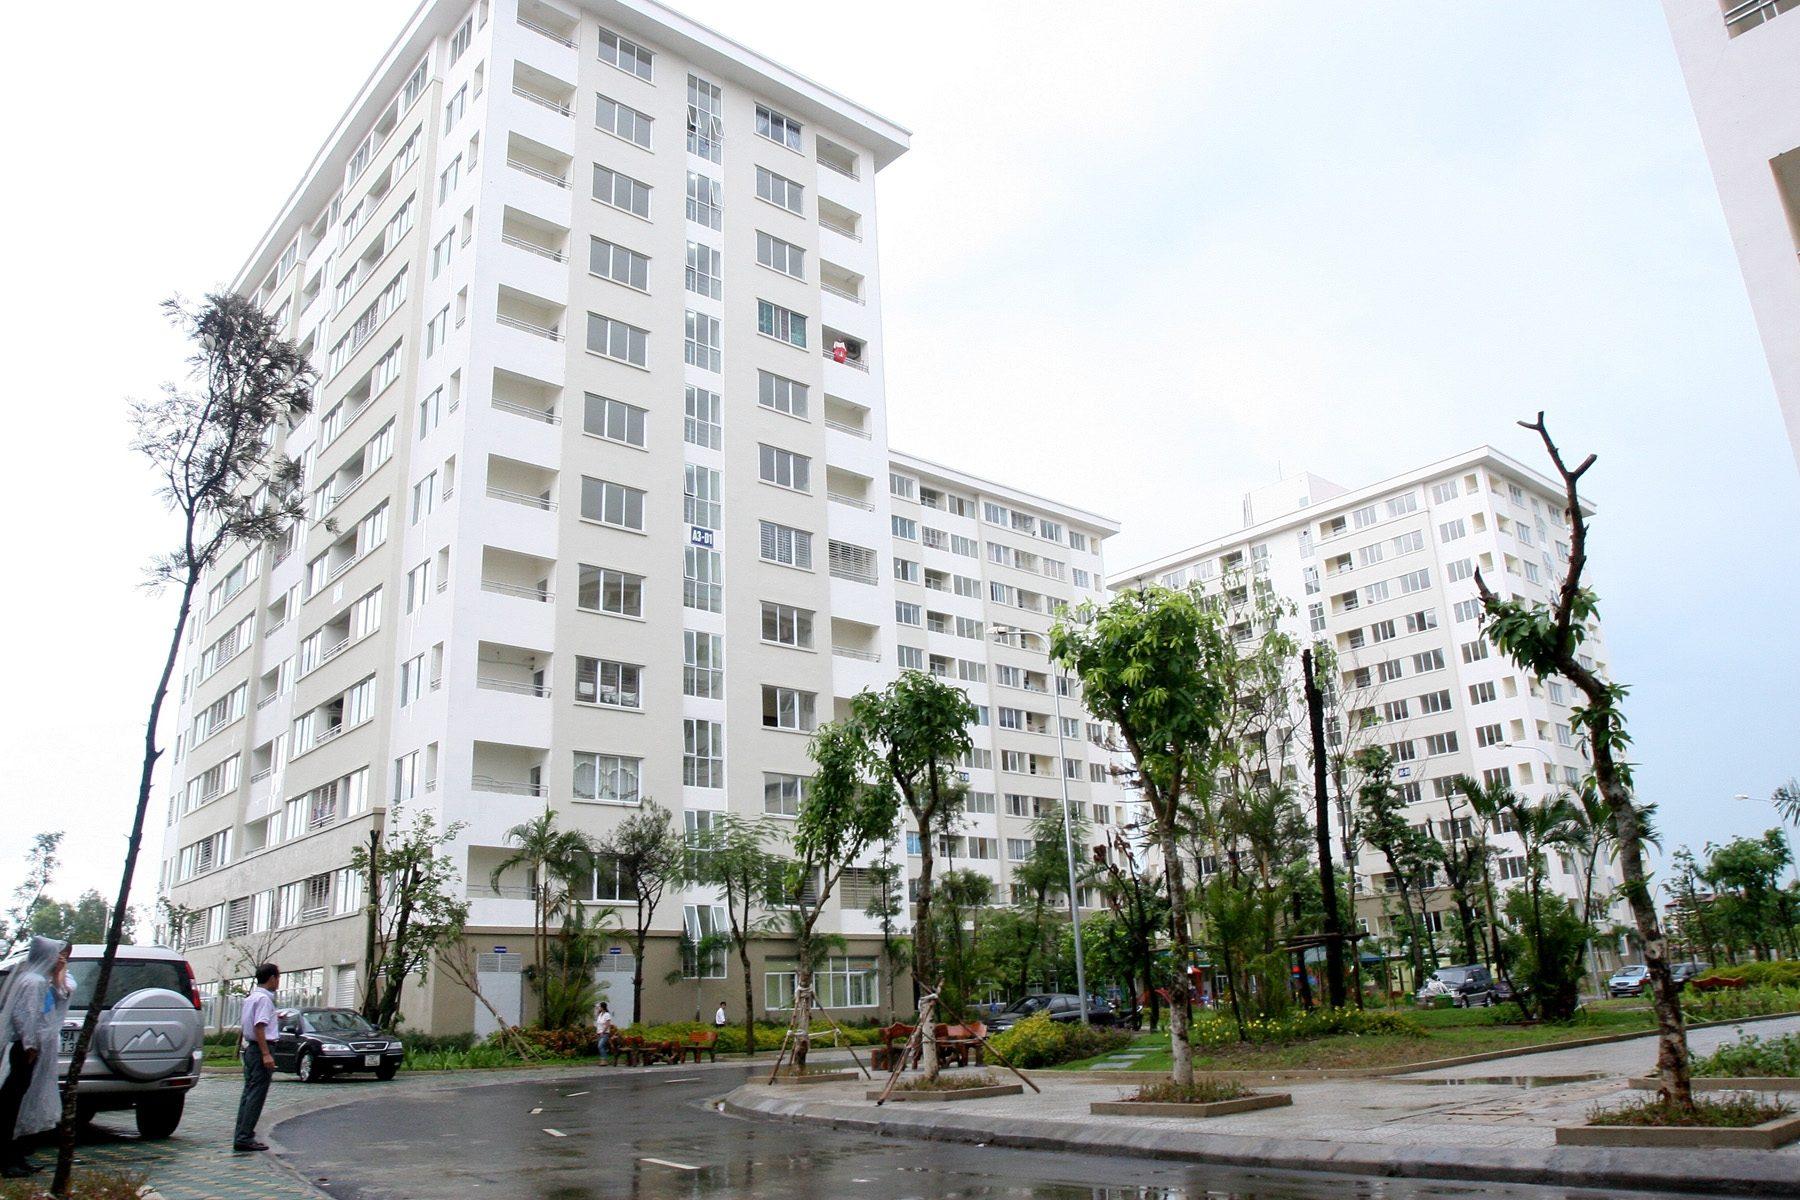 Sở hữ căn hộ chung cư nhanh chóng khi mua trả góp